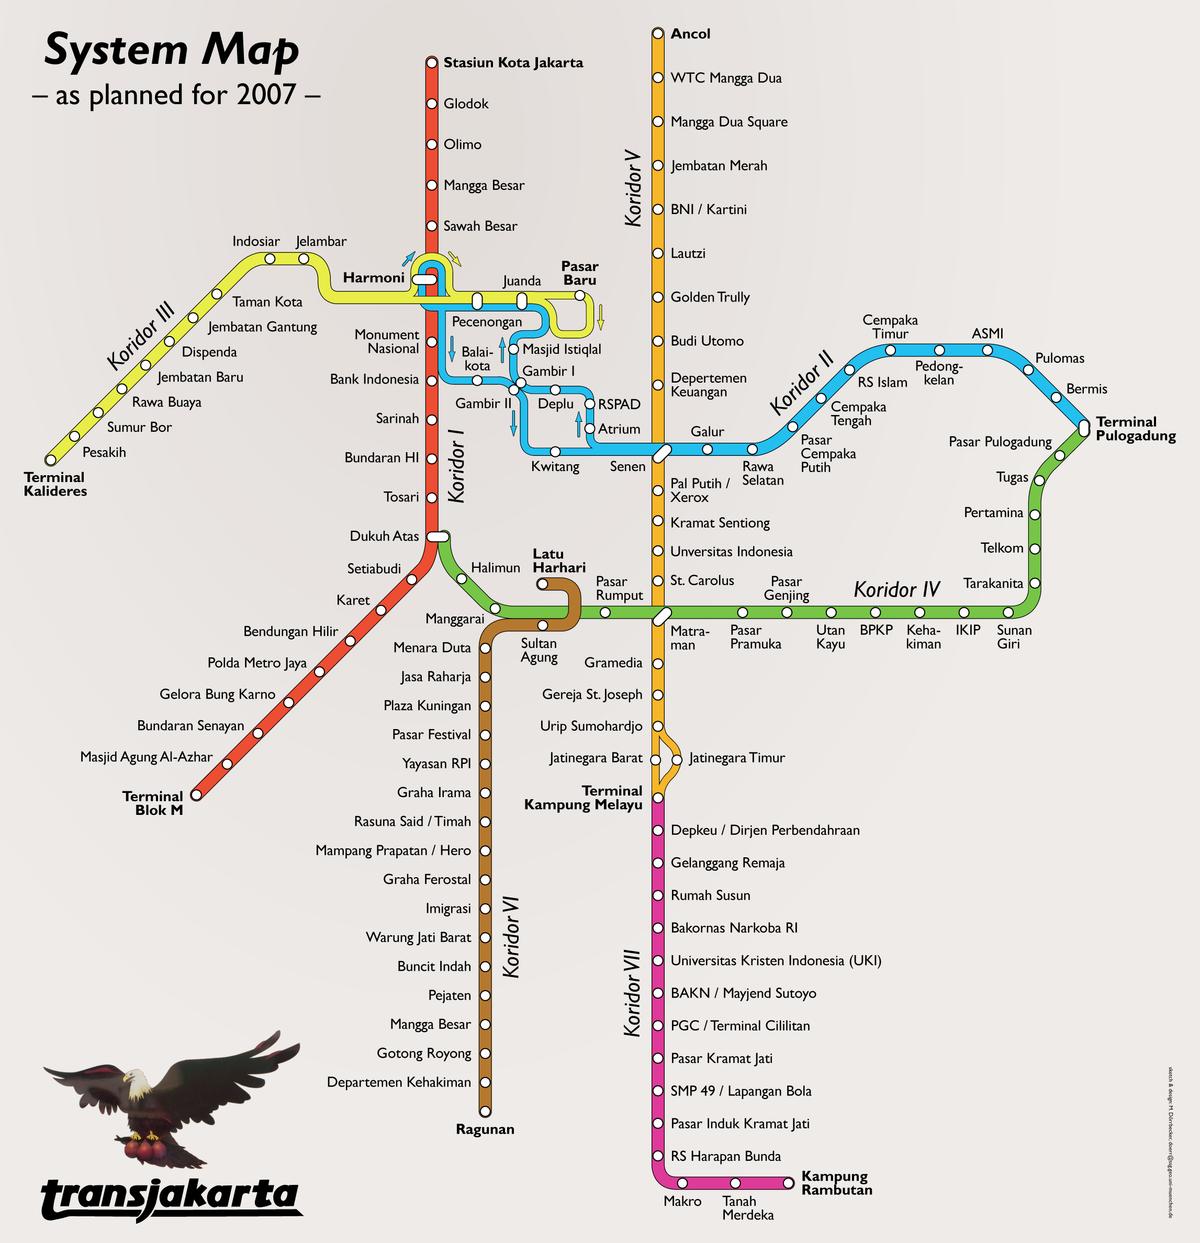 Planificación de transporte - Wikipedia, la enciclopedia libre